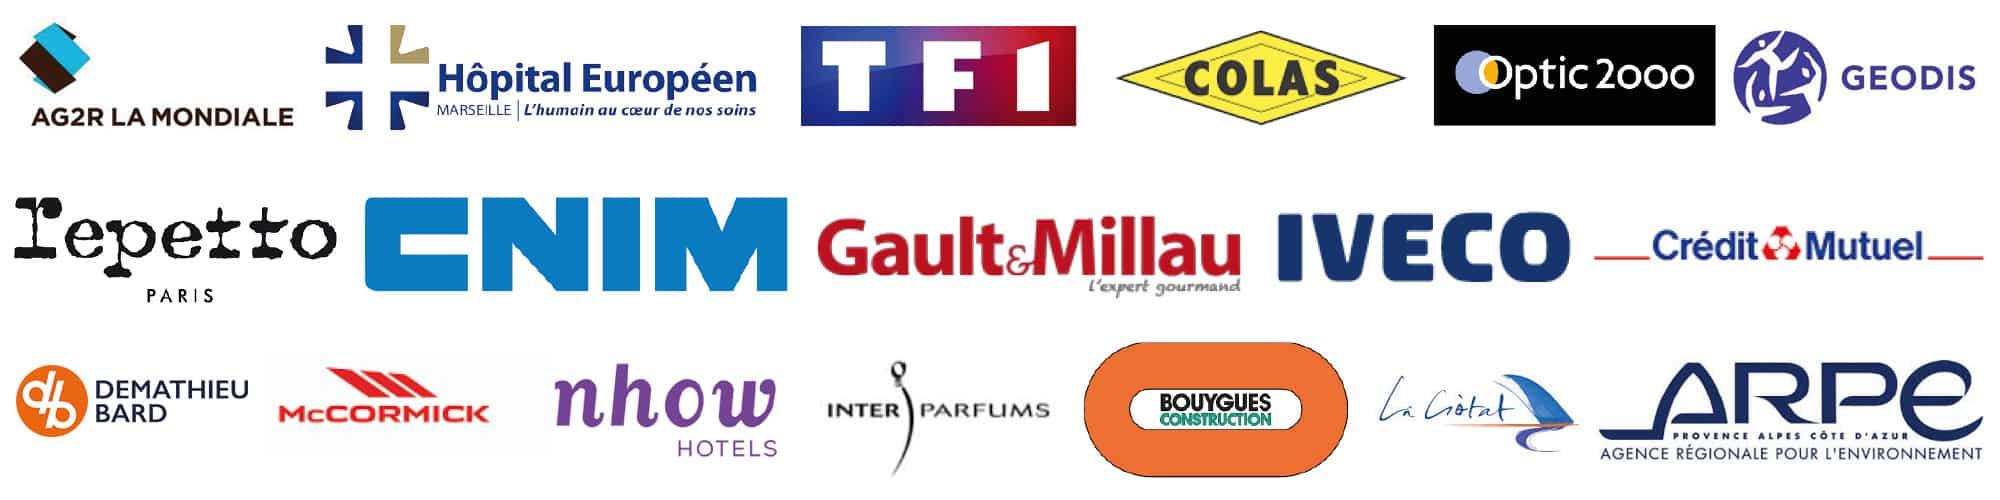 photographe entreprise corporate événementiel Marseille Aix-en-Provence